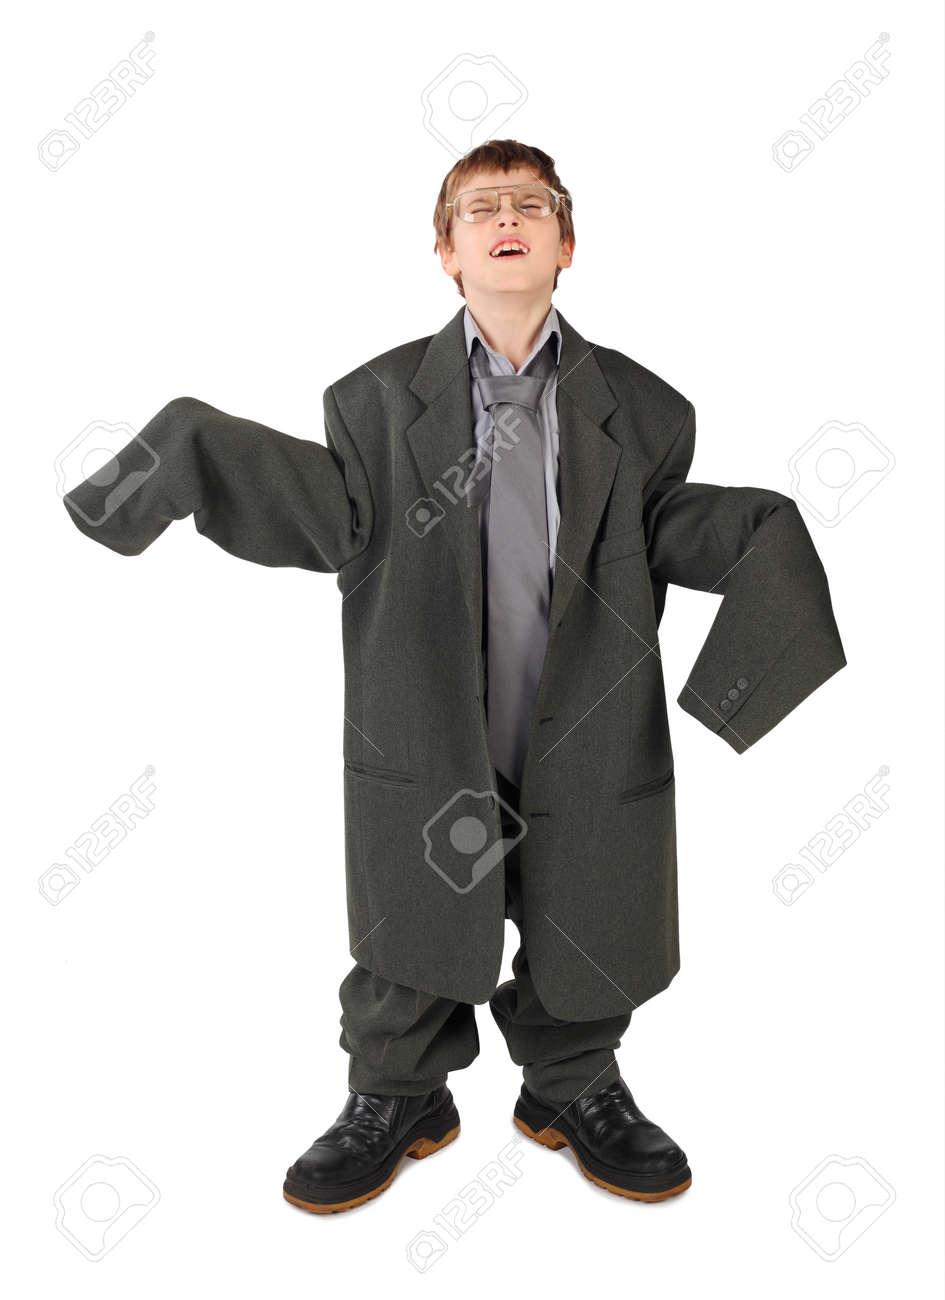 fbc49d15562 Foto de archivo - Niño pequeño en traje de hombre gris grande, las botas y  el piso gafas aislados en fondo blanco